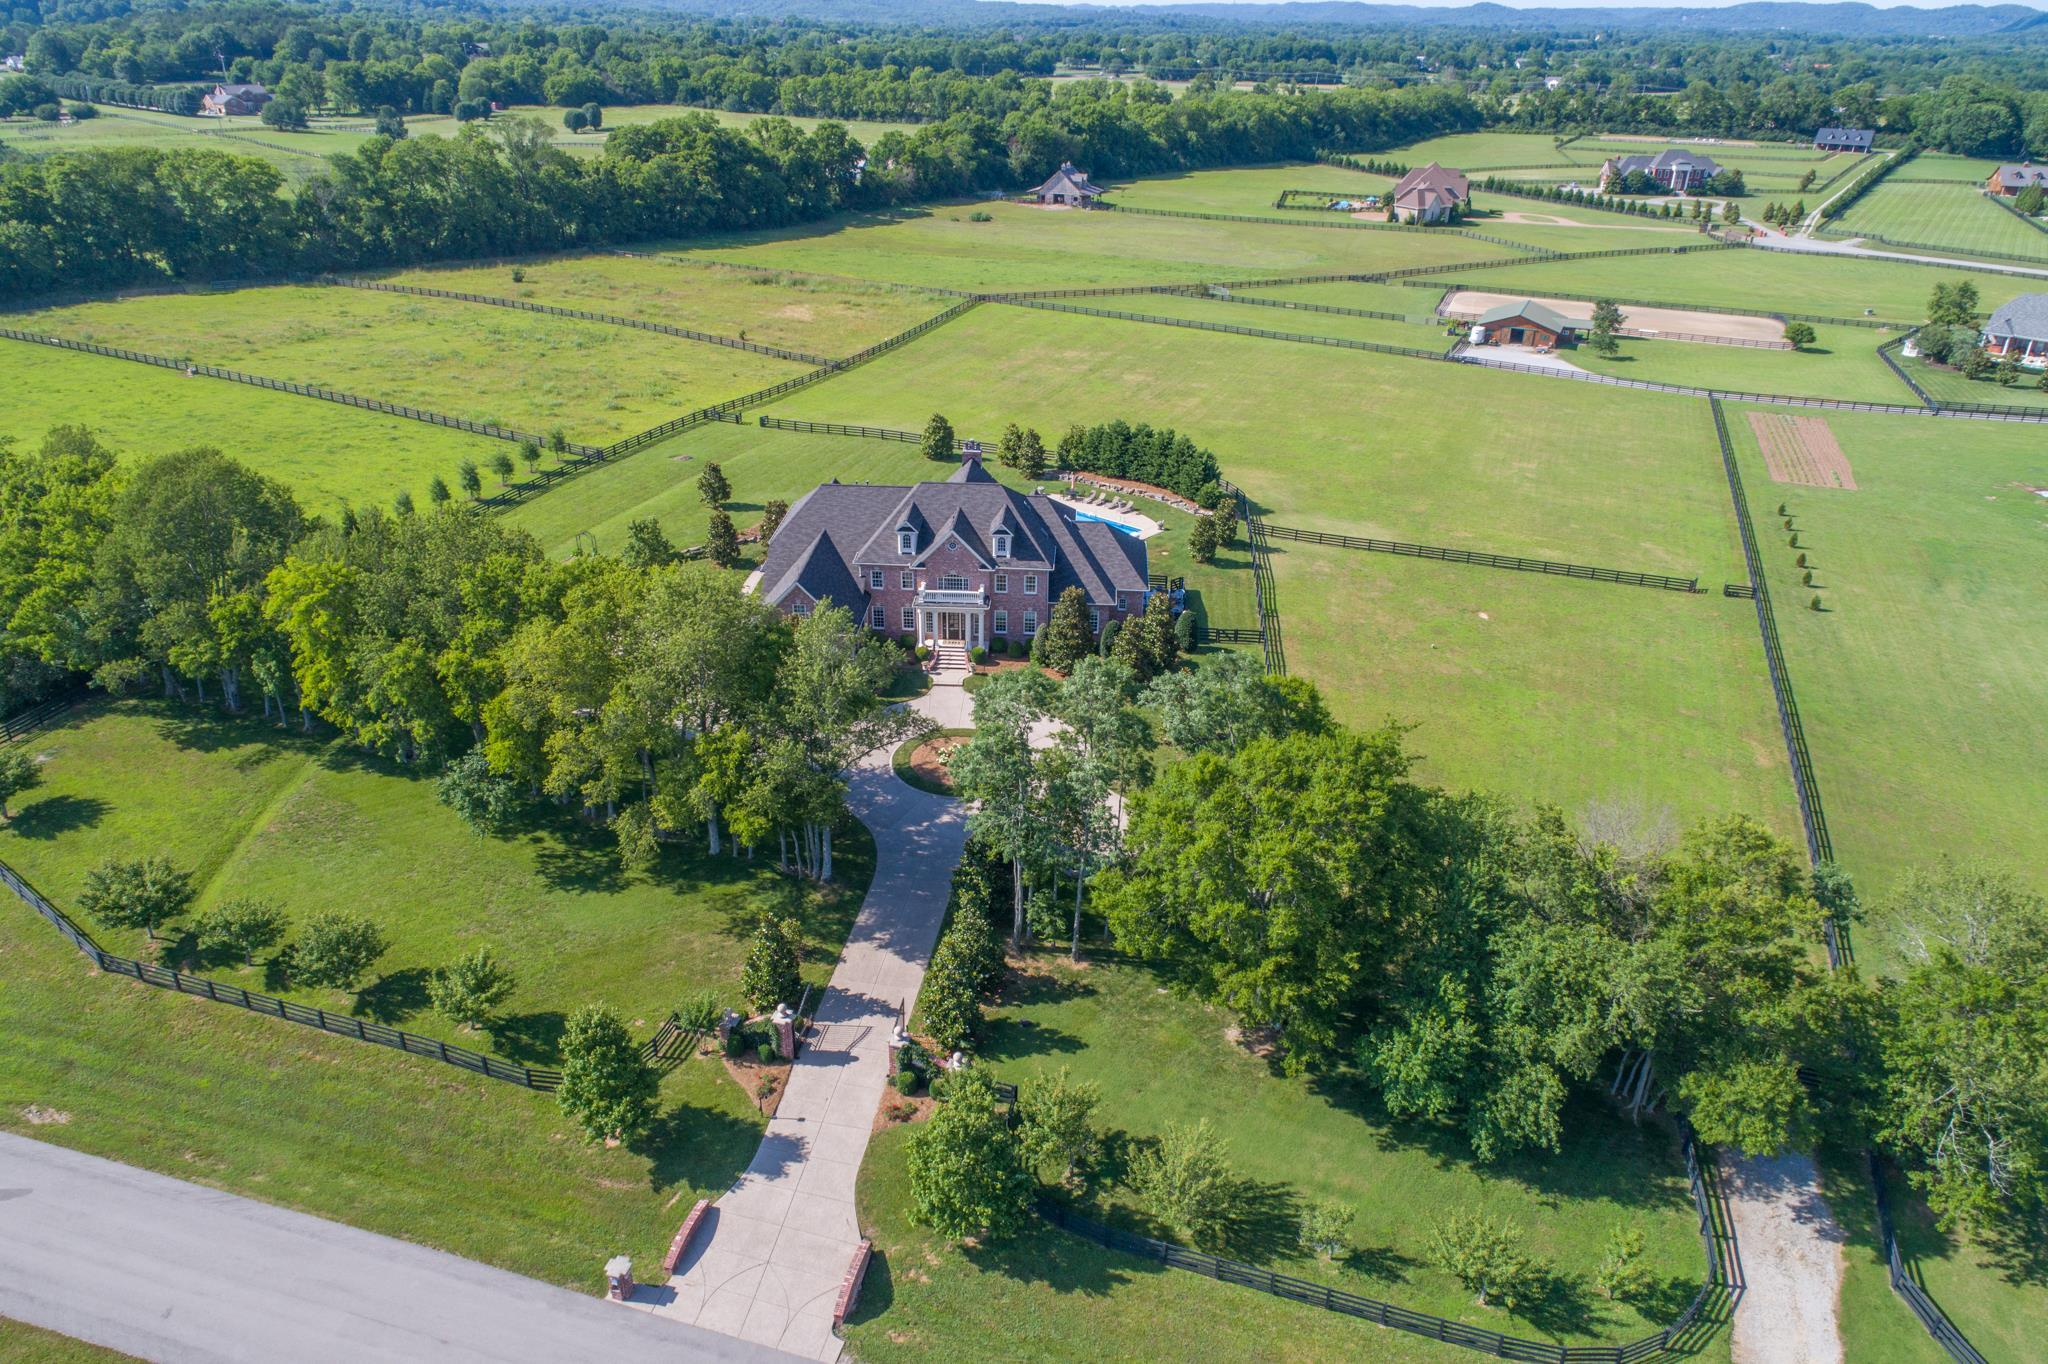 1504 Starlight Ln, Franklin in Williamson County County, TN 37069 Home for Sale